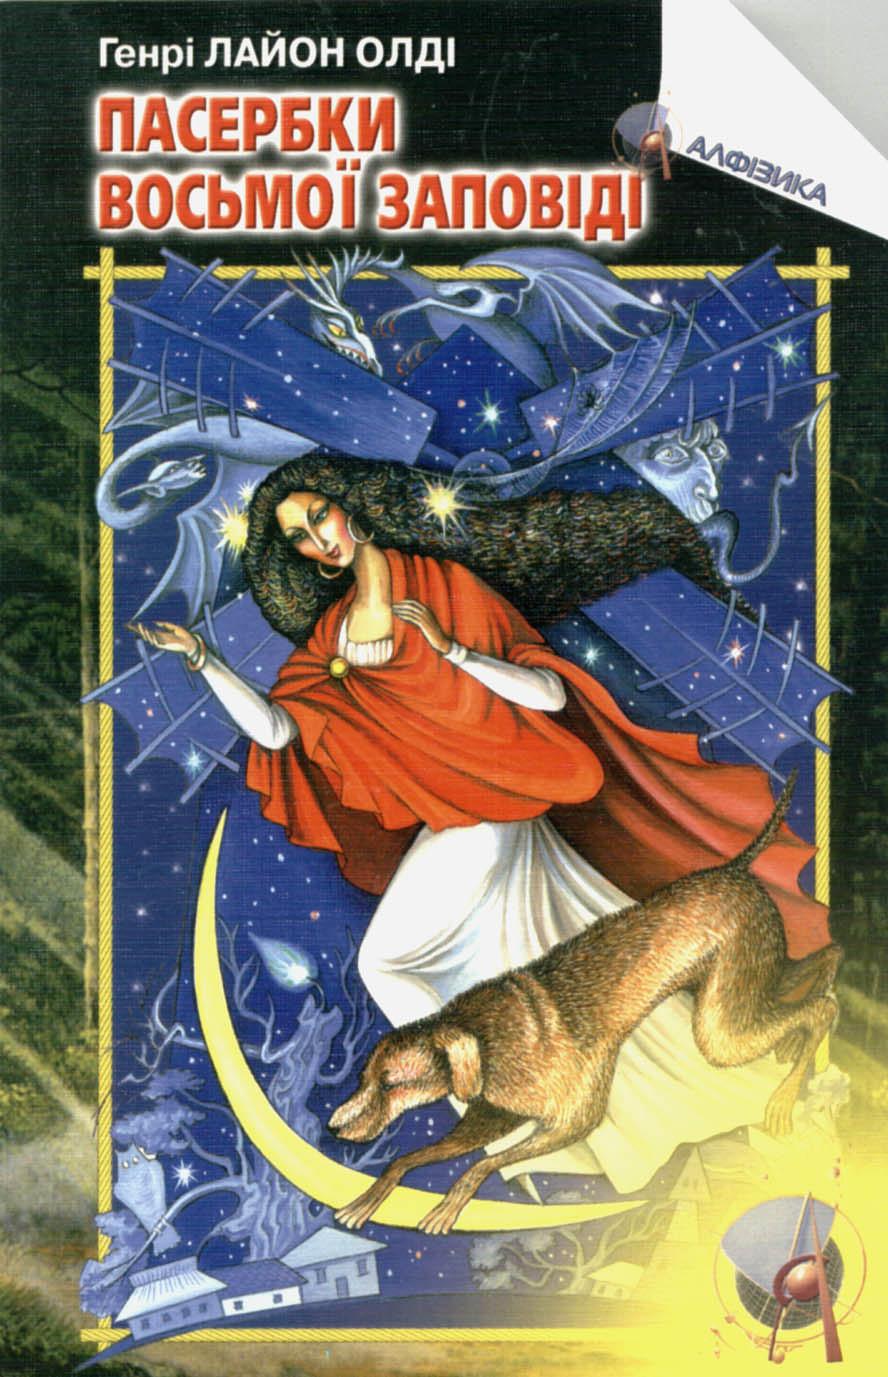 Книга Пасербки восьмої заповіді